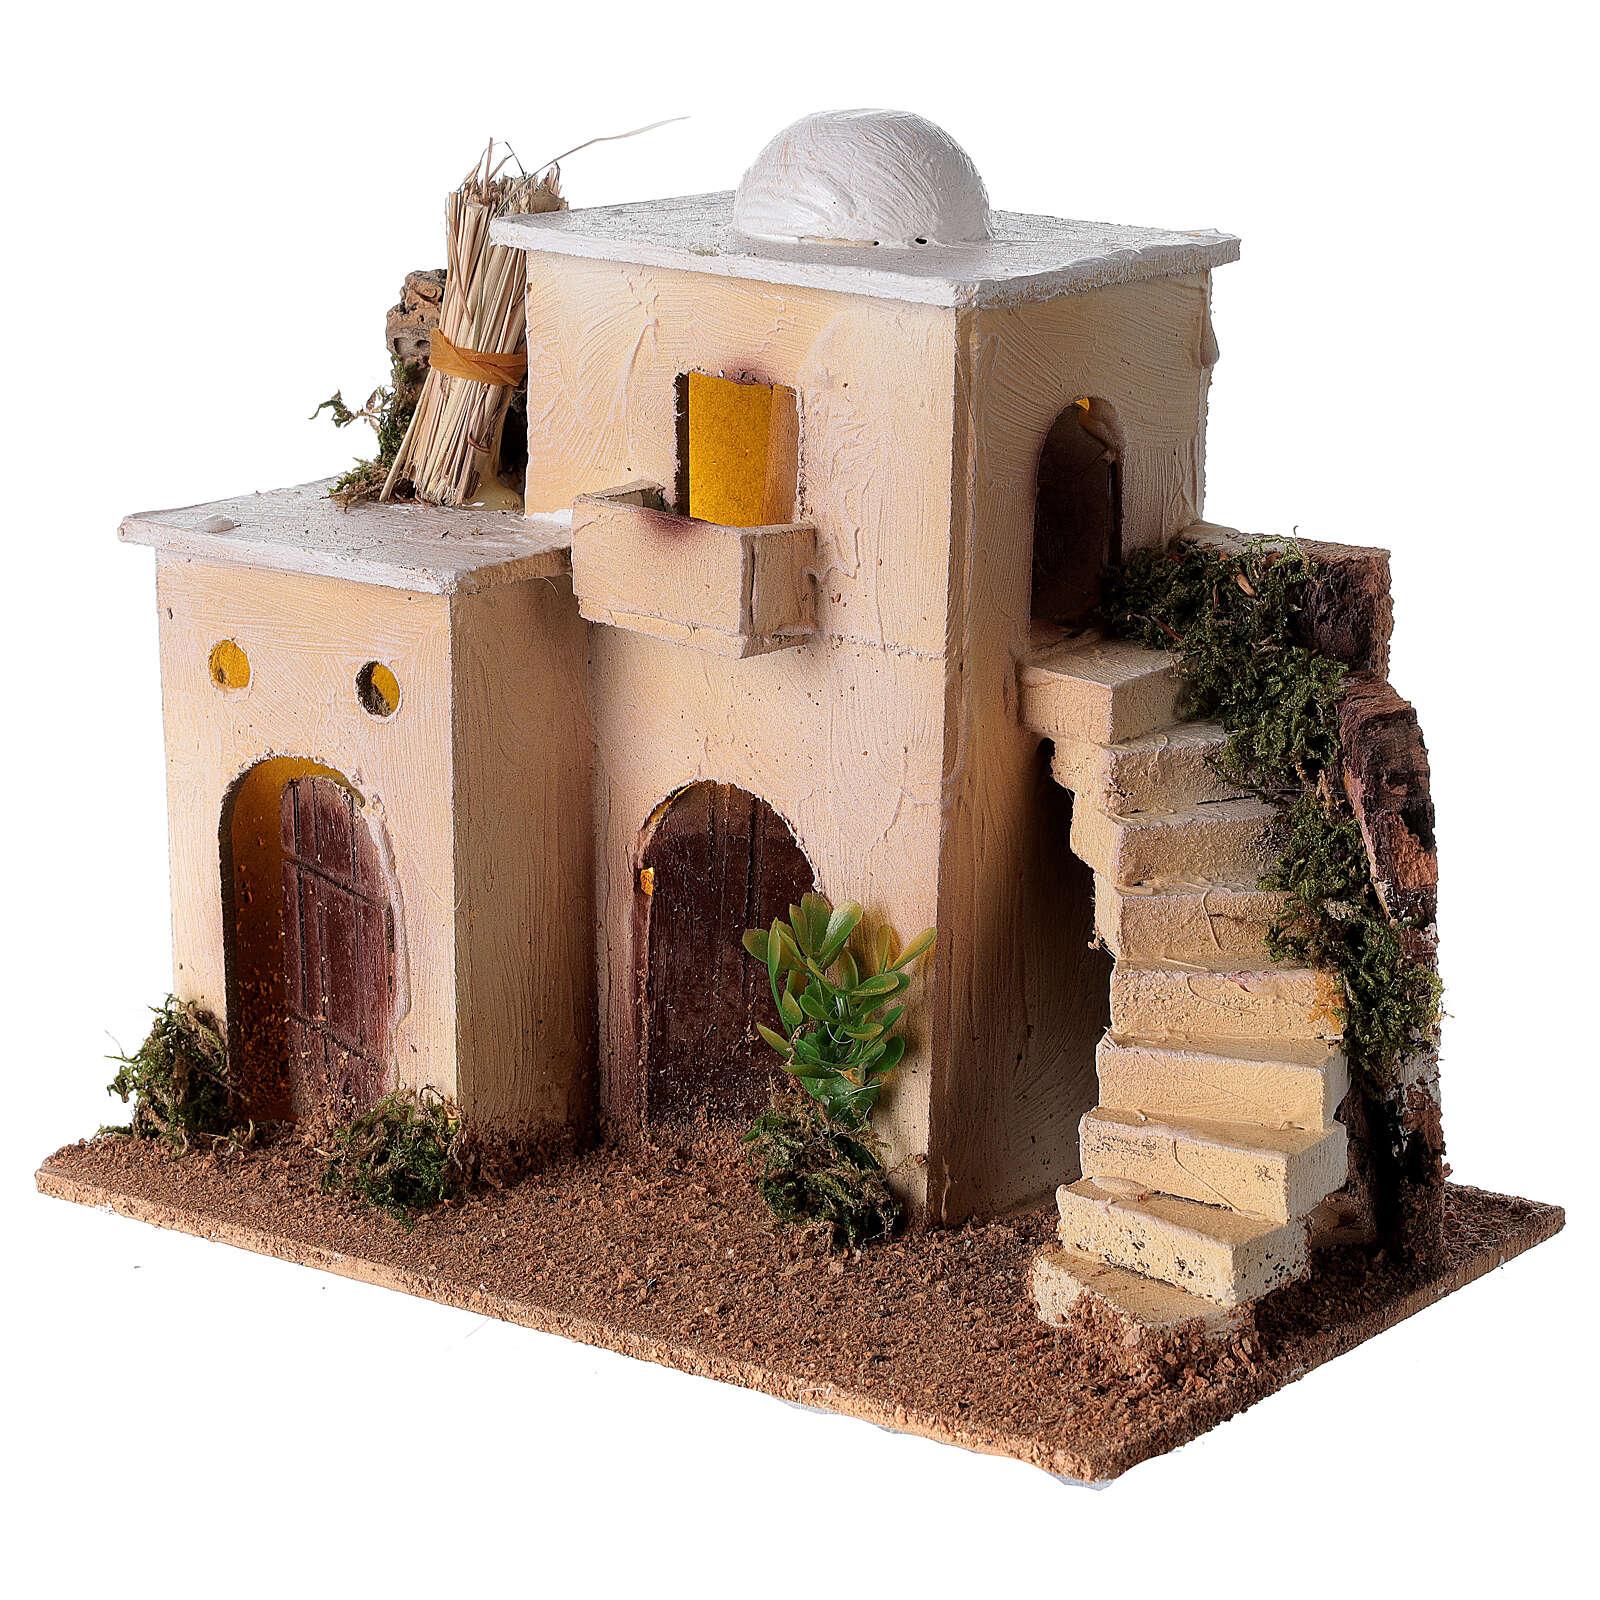 Minaret avec escalier bricolage crèche 6-8 cm 20x25x15 cm 4